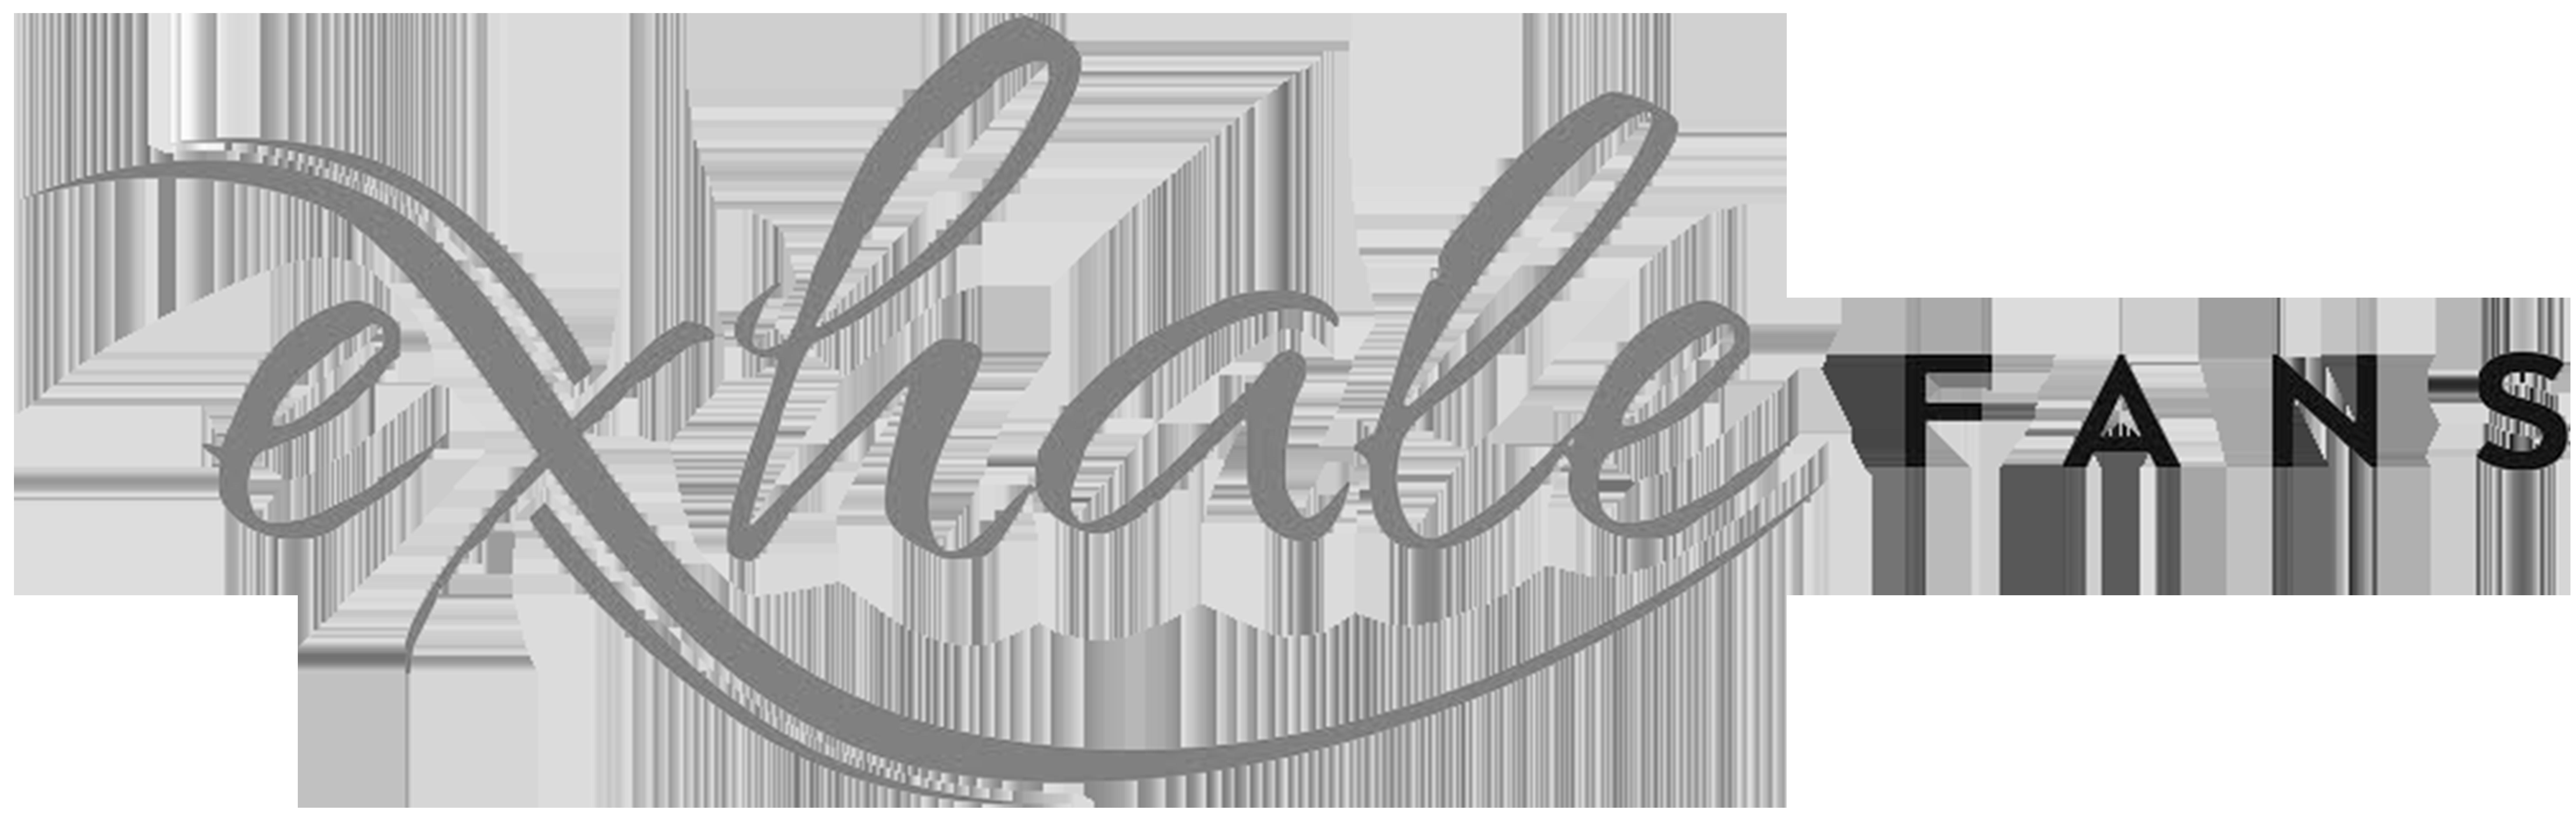 exhale-logo150x48-150